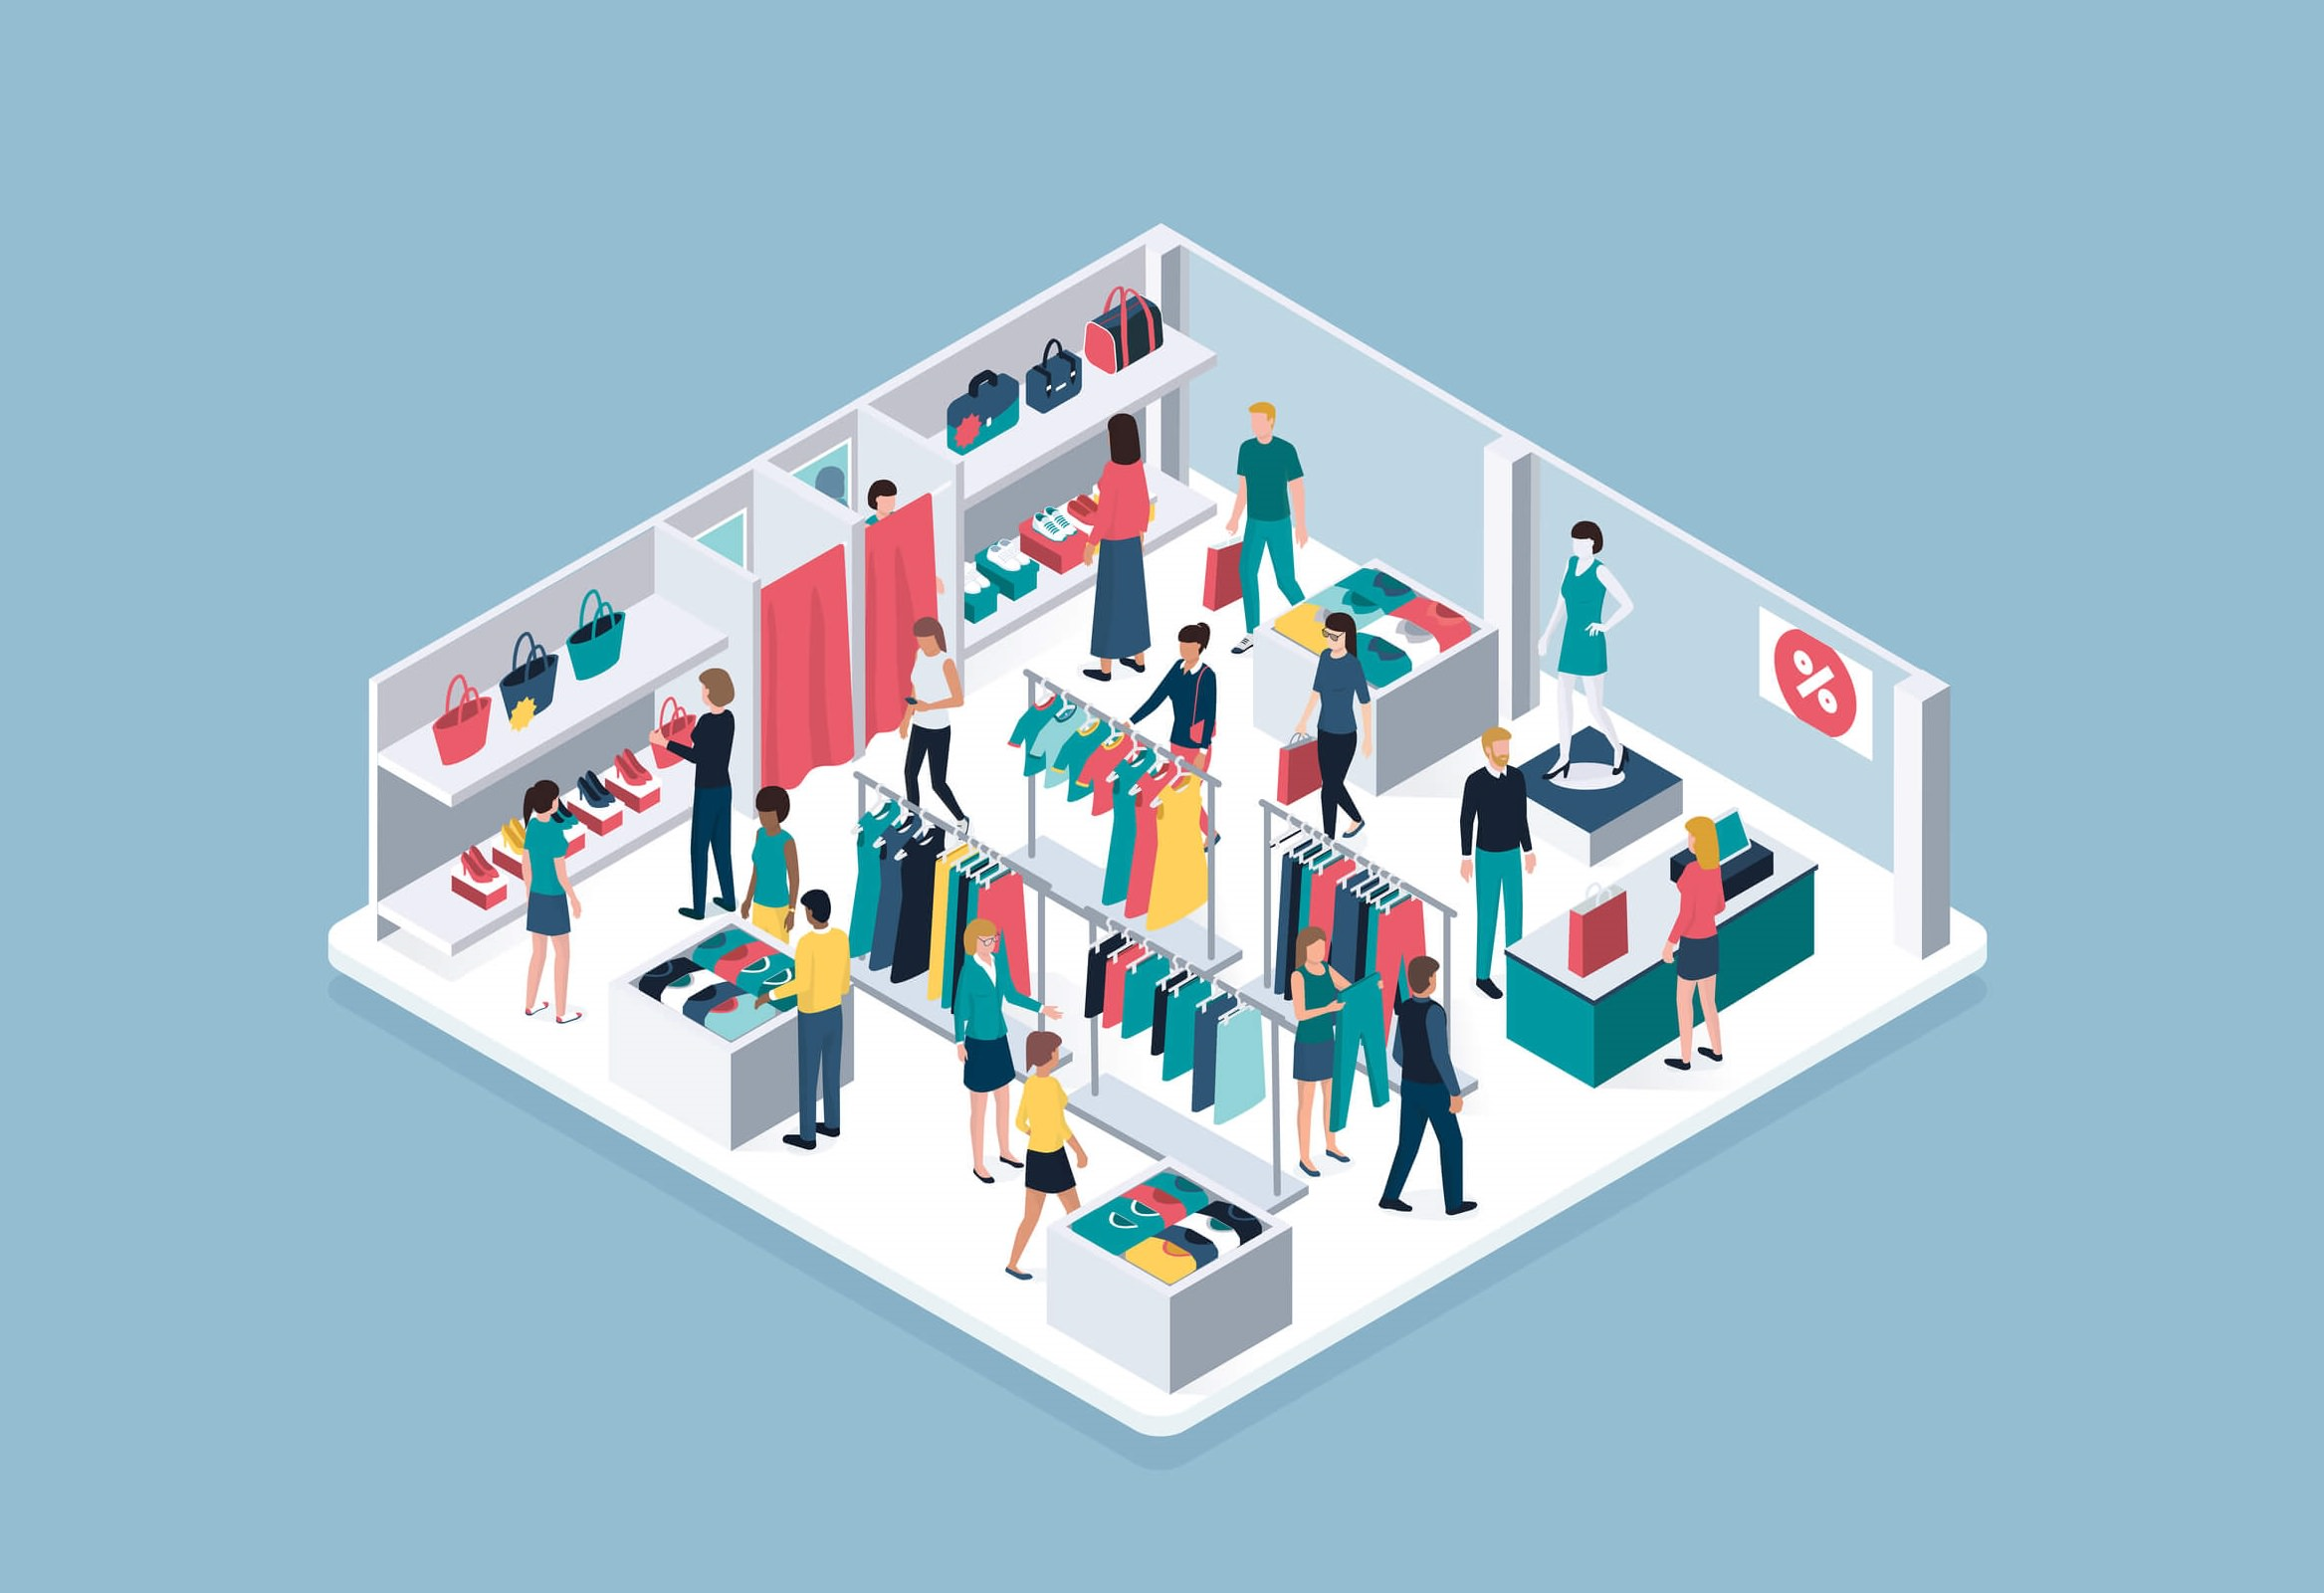 Como realizar a gestão de lojas de departamento? Descubra aqui!